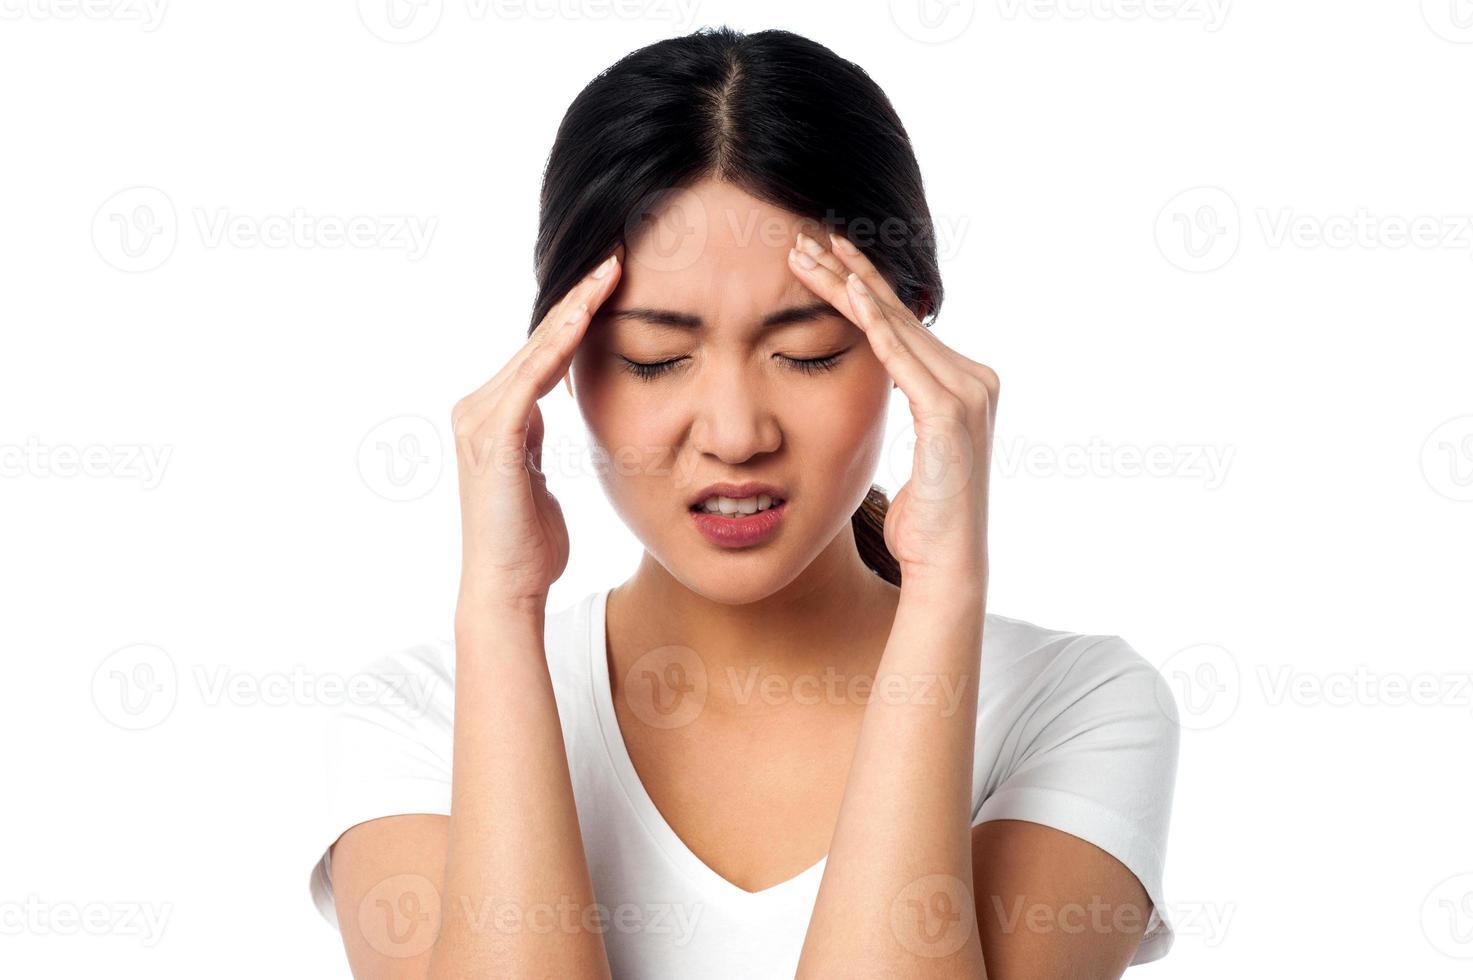 giovane donna che ha mal di testa foto